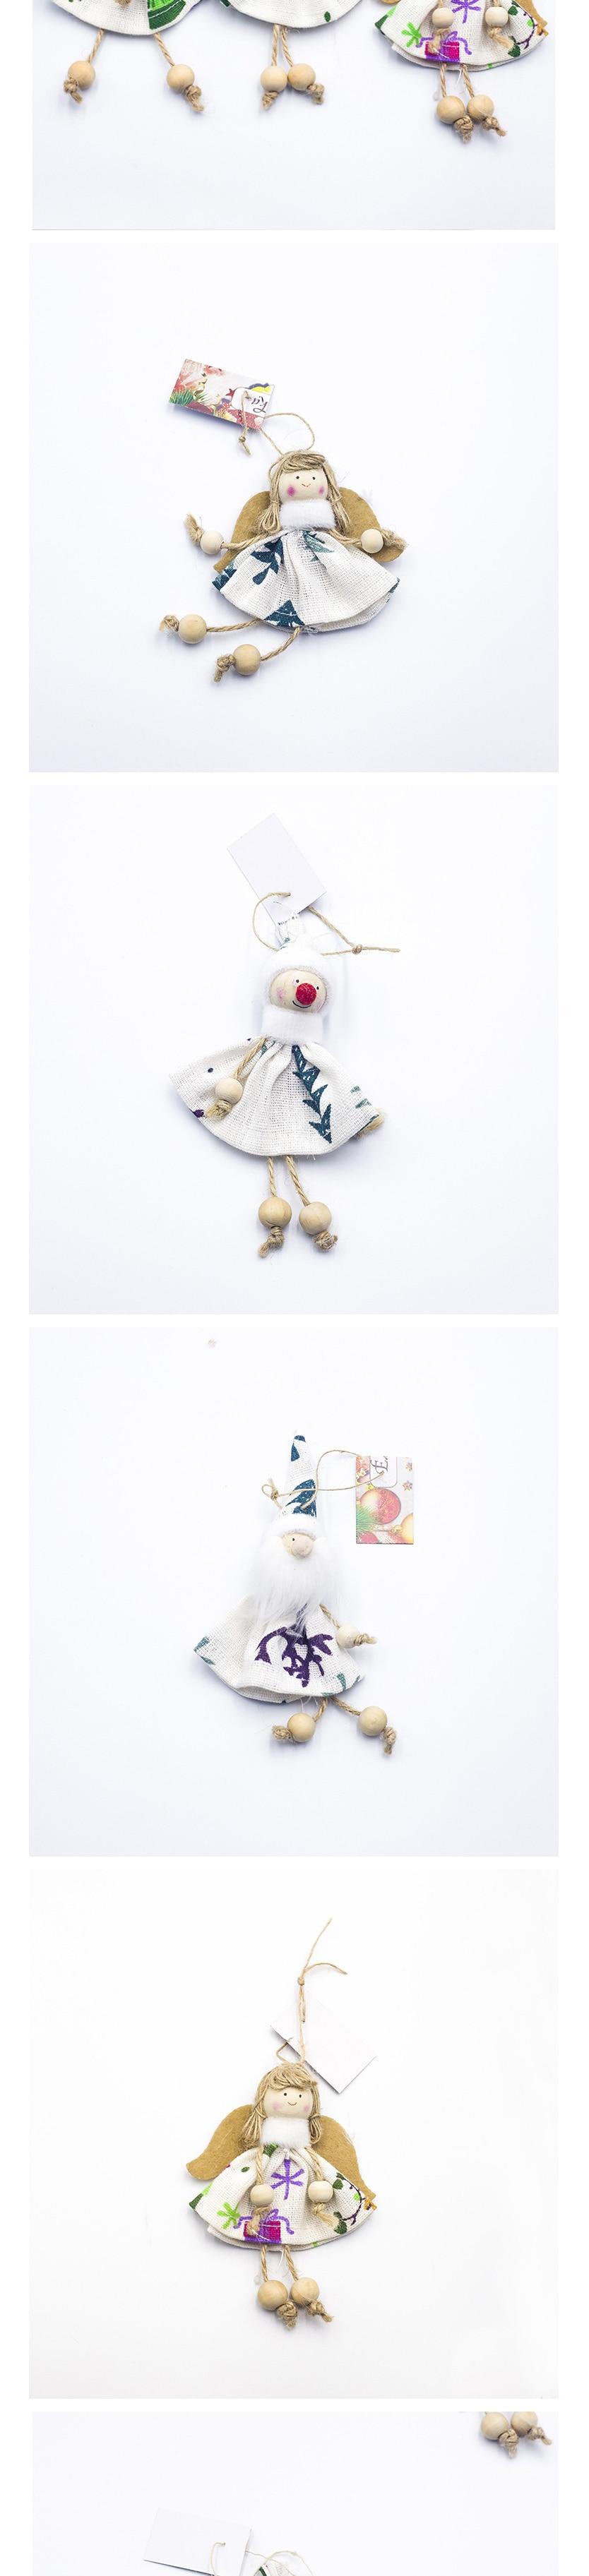 布艺娃娃_圣诞节-布艺笑脸娃娃圣诞玩偶挂件-圣诞节装饰---阿里巴巴_02